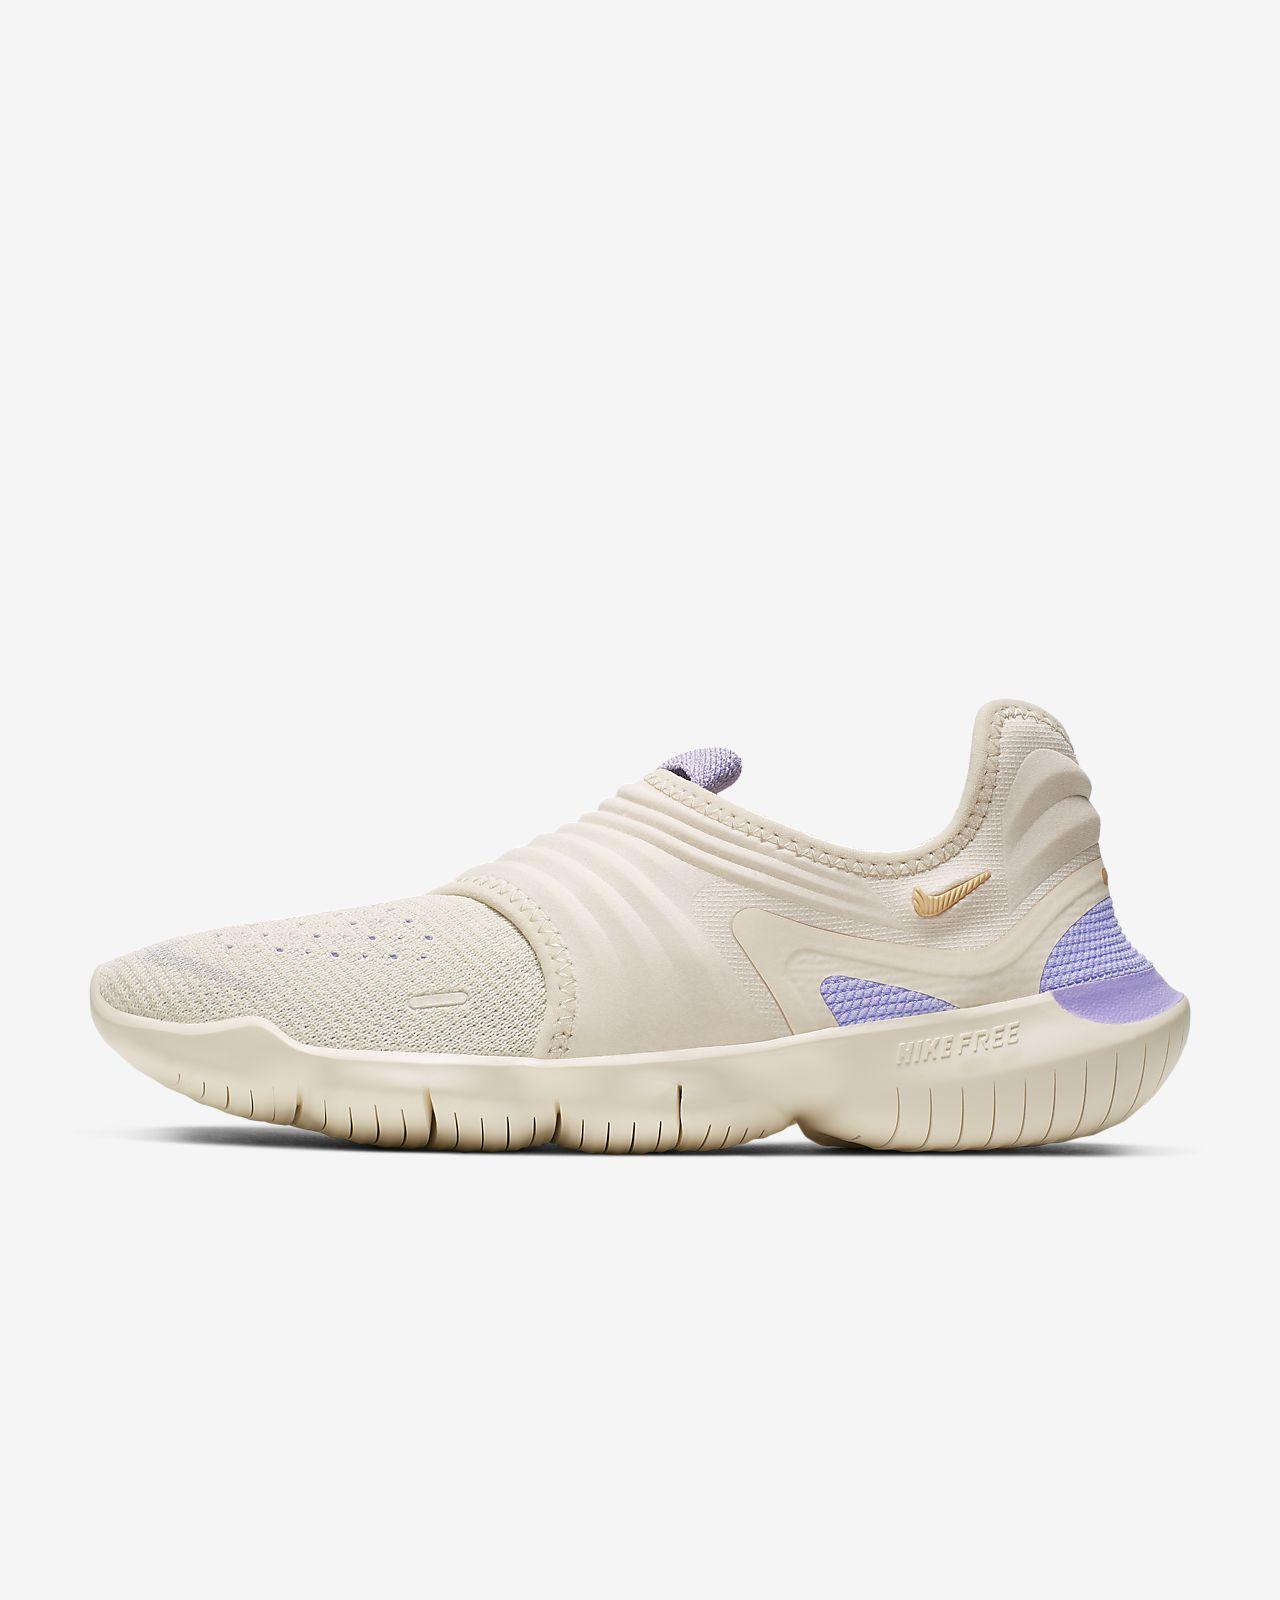 Löparsko Nike Free RN Flyknit 3.0 för kvinnor